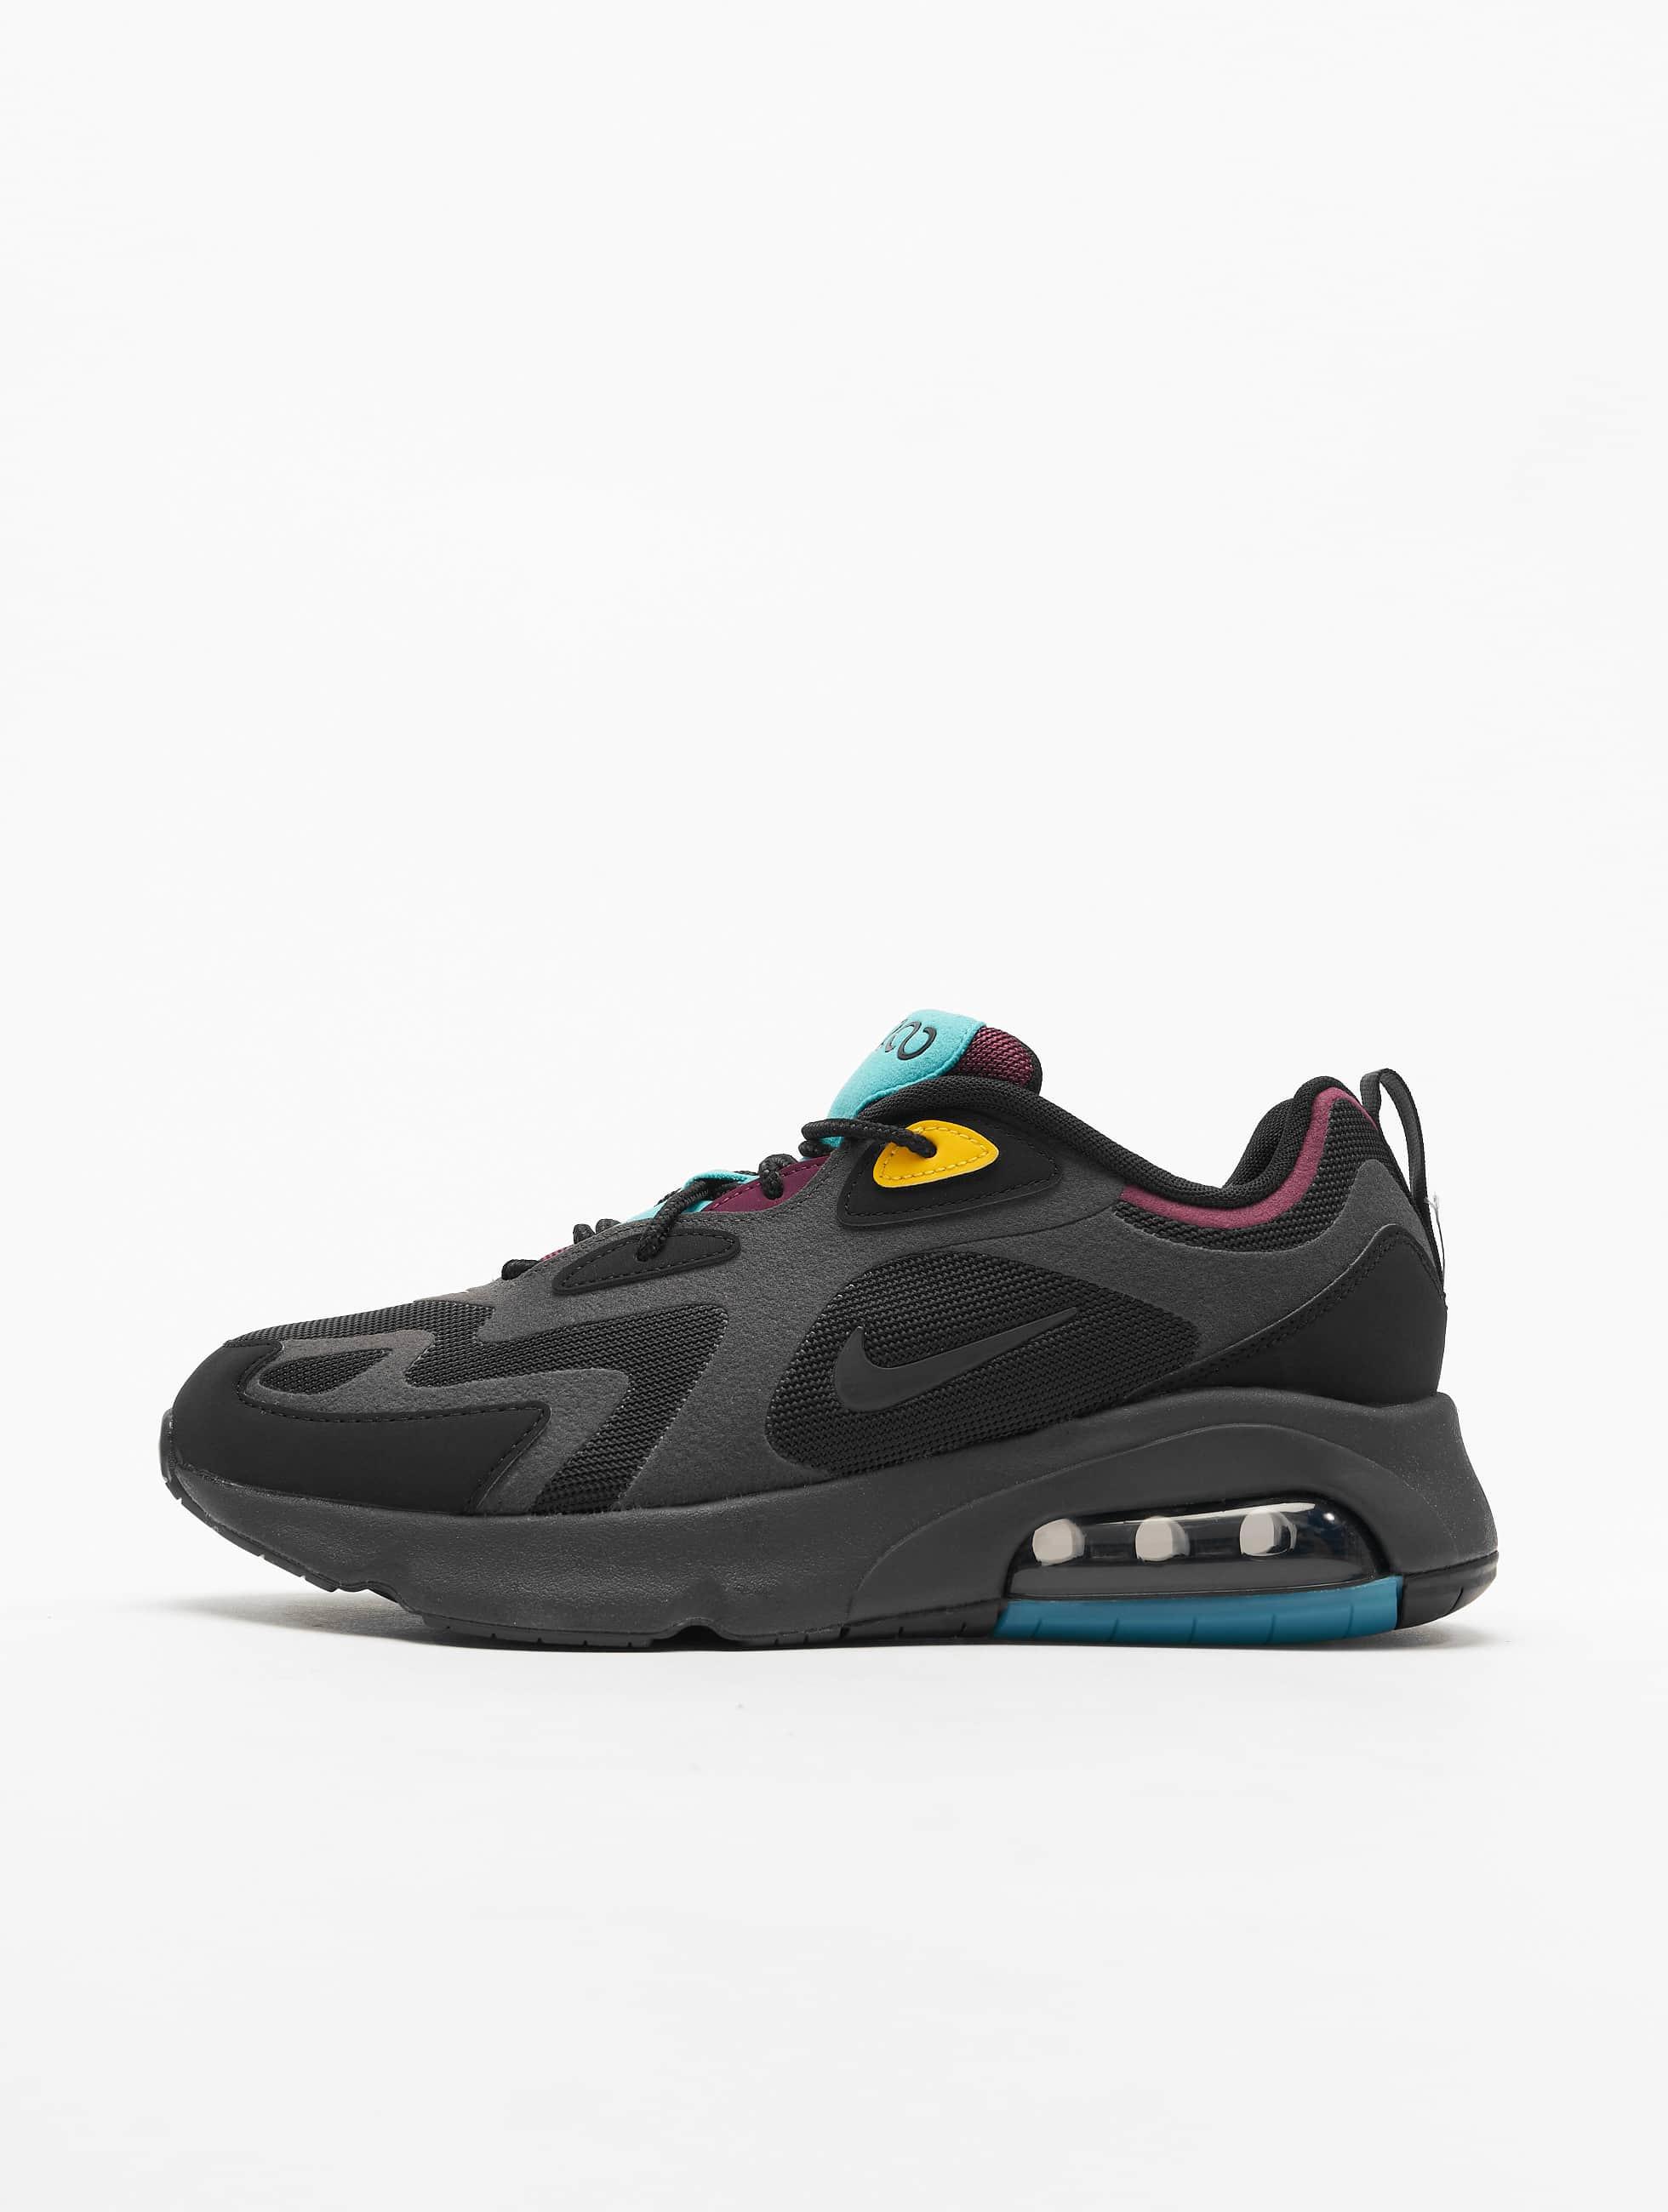 Nike | Air Max 200 noir Homme Baskets 702818